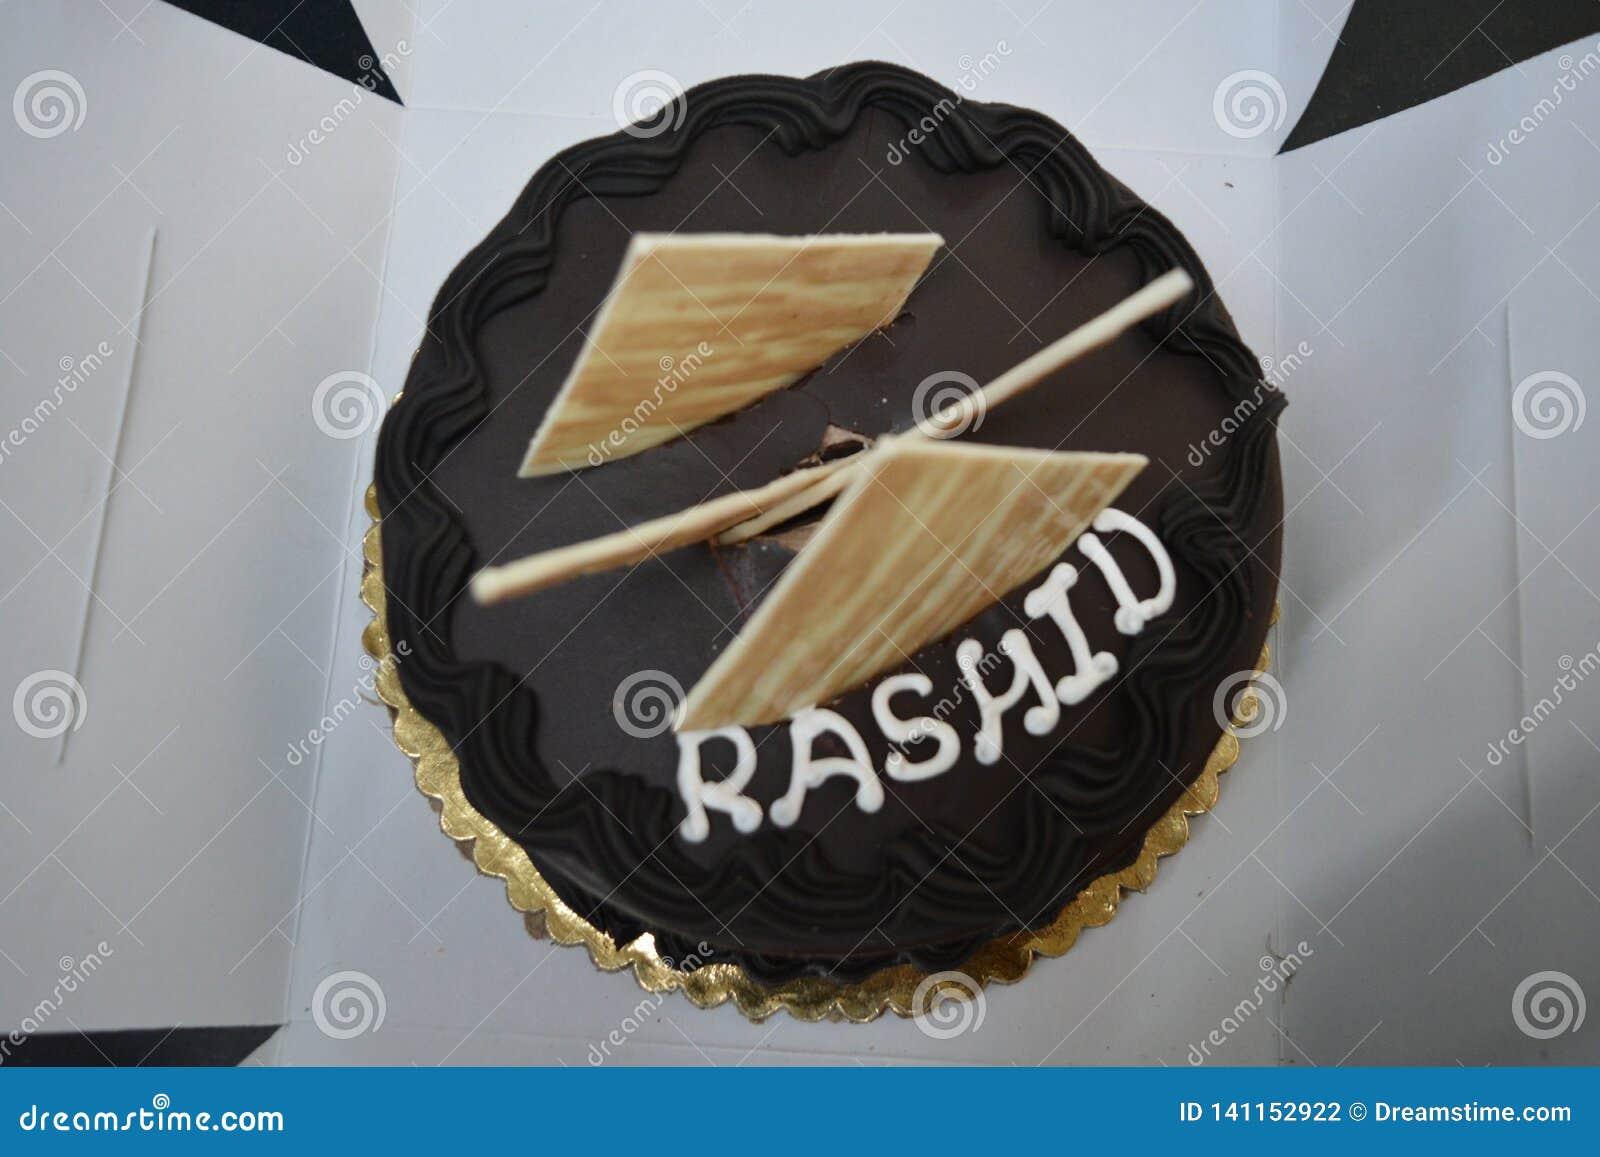 Torta di compleanno con il nome Rashid